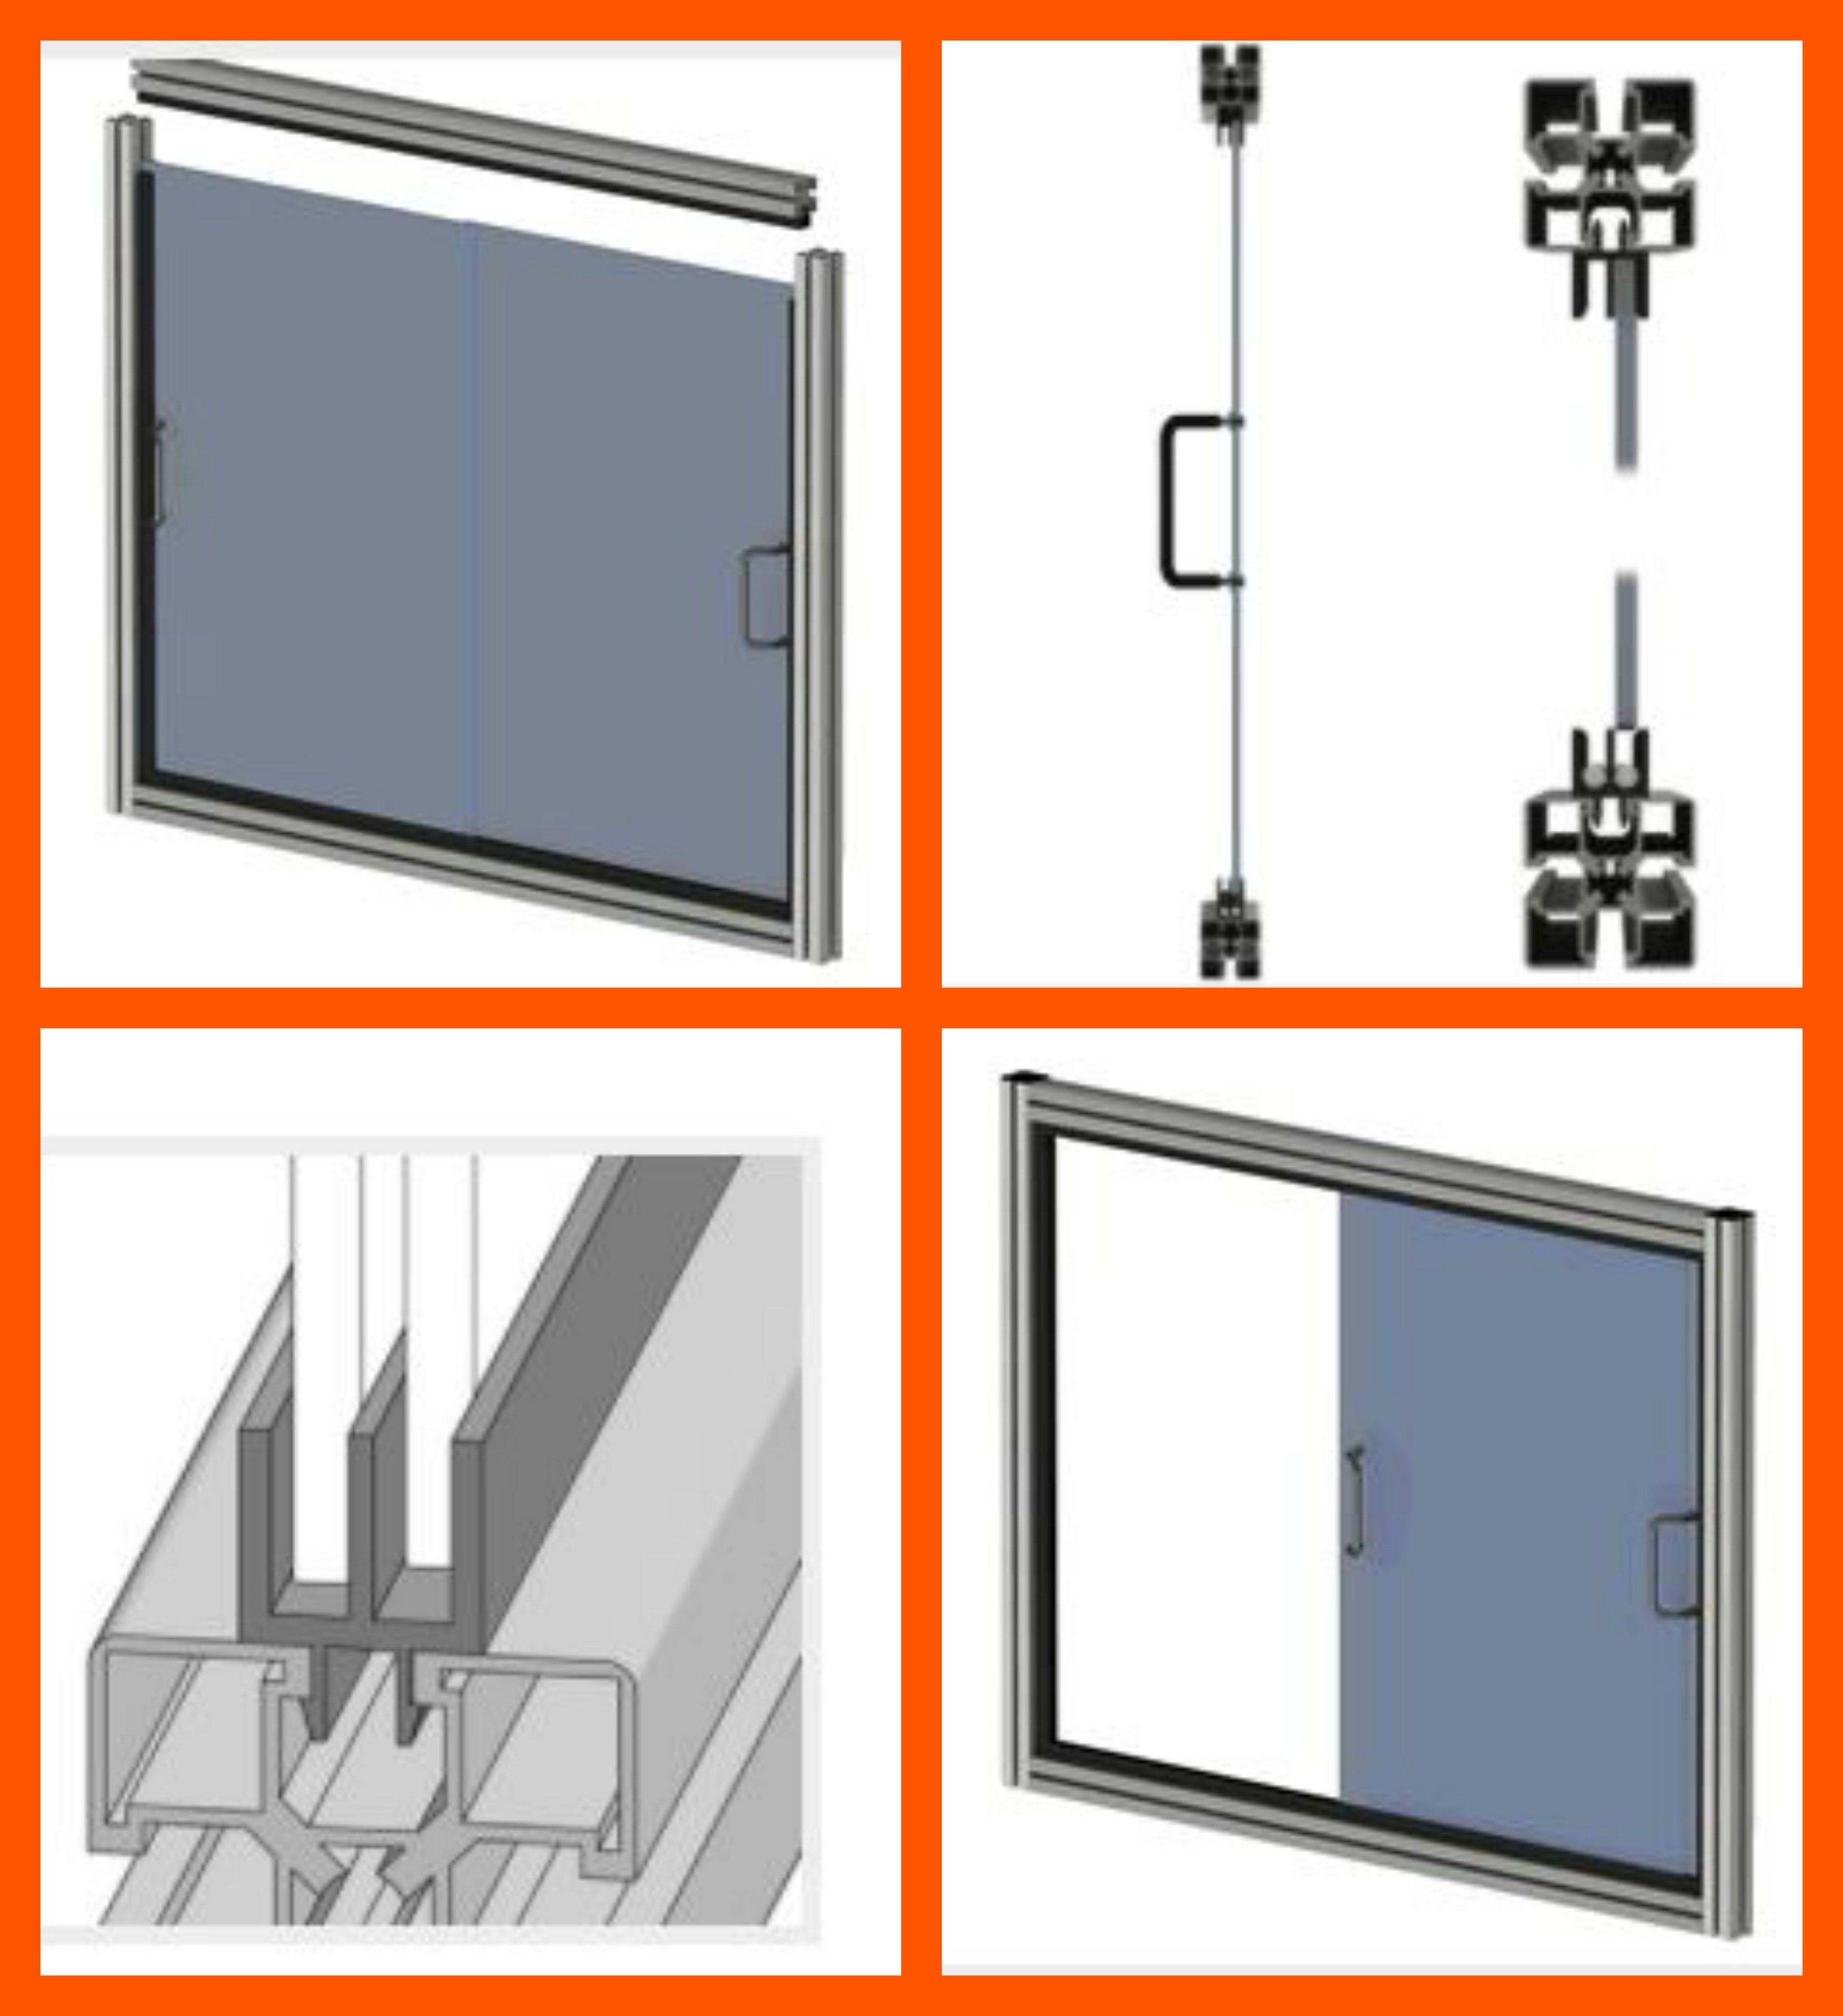 Tutorial para montar y desmontar puerta corredera realizada con perfil de aluminio y accesorios - Montar puerta corredera ...